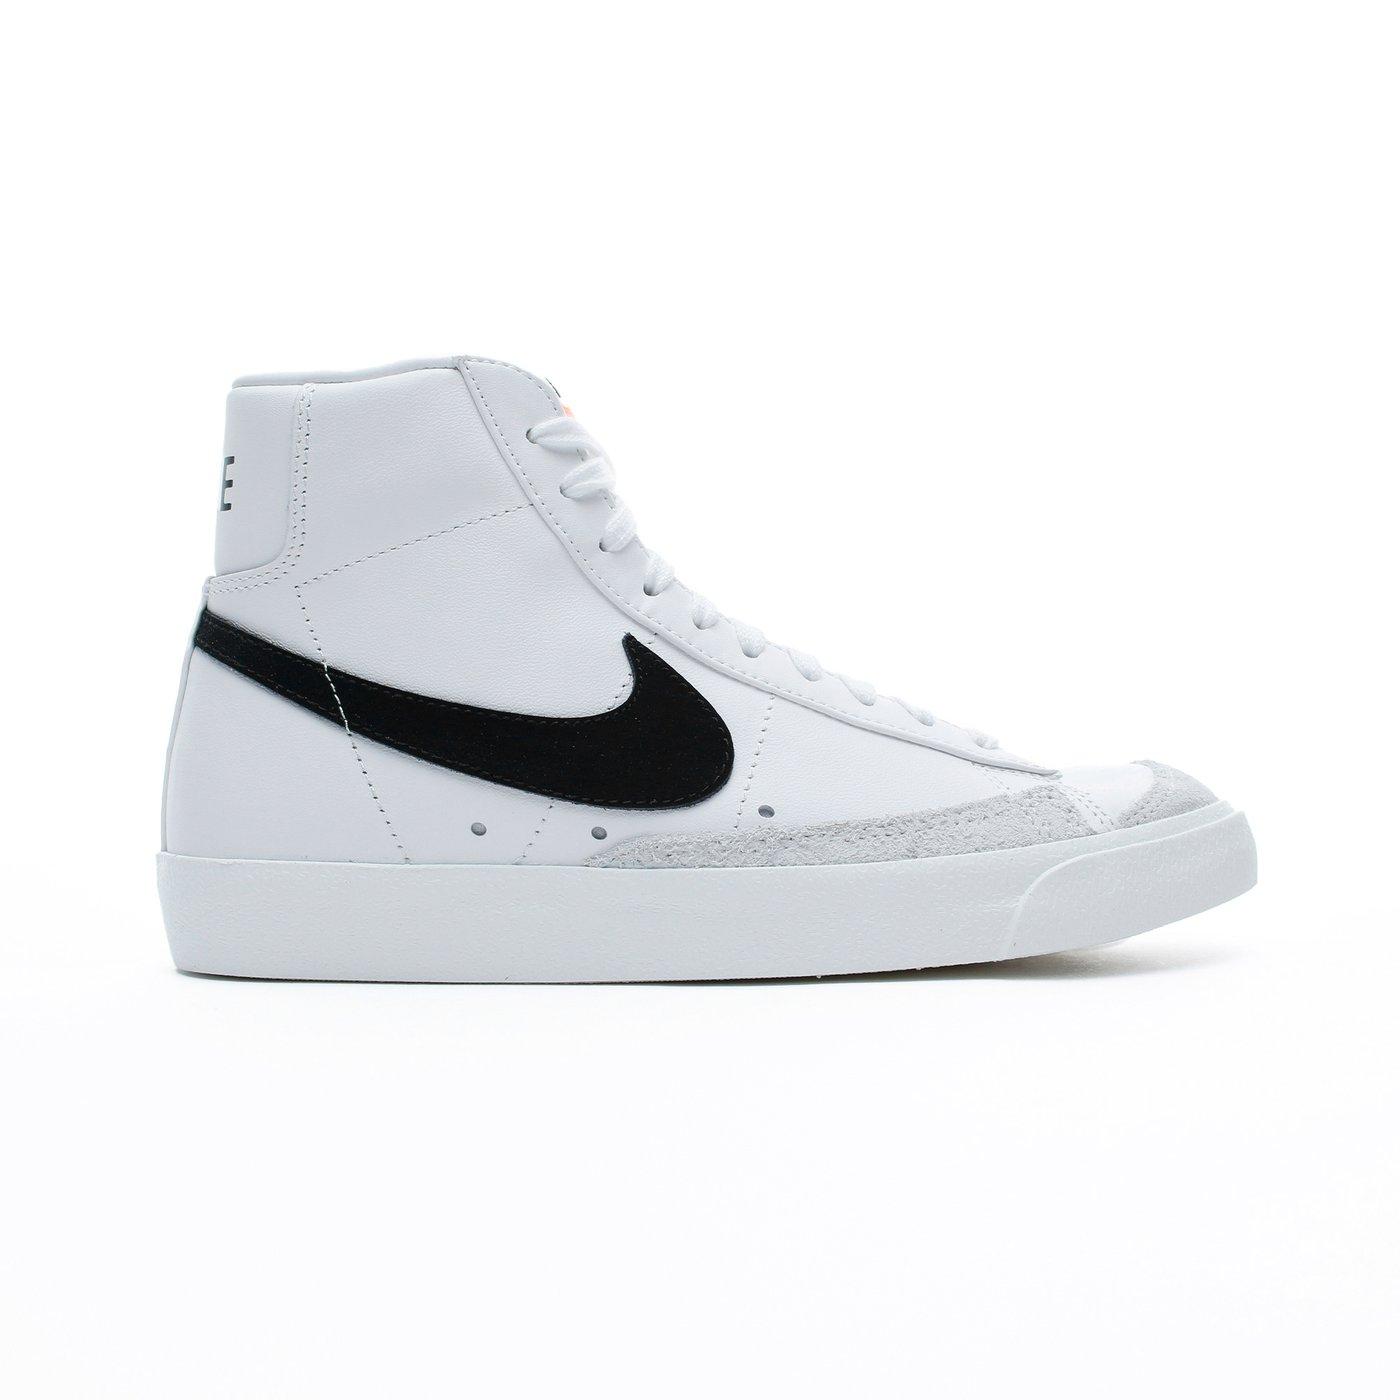 Blazer Mid '77 Kadın Beyaz Spor Ayakkabı